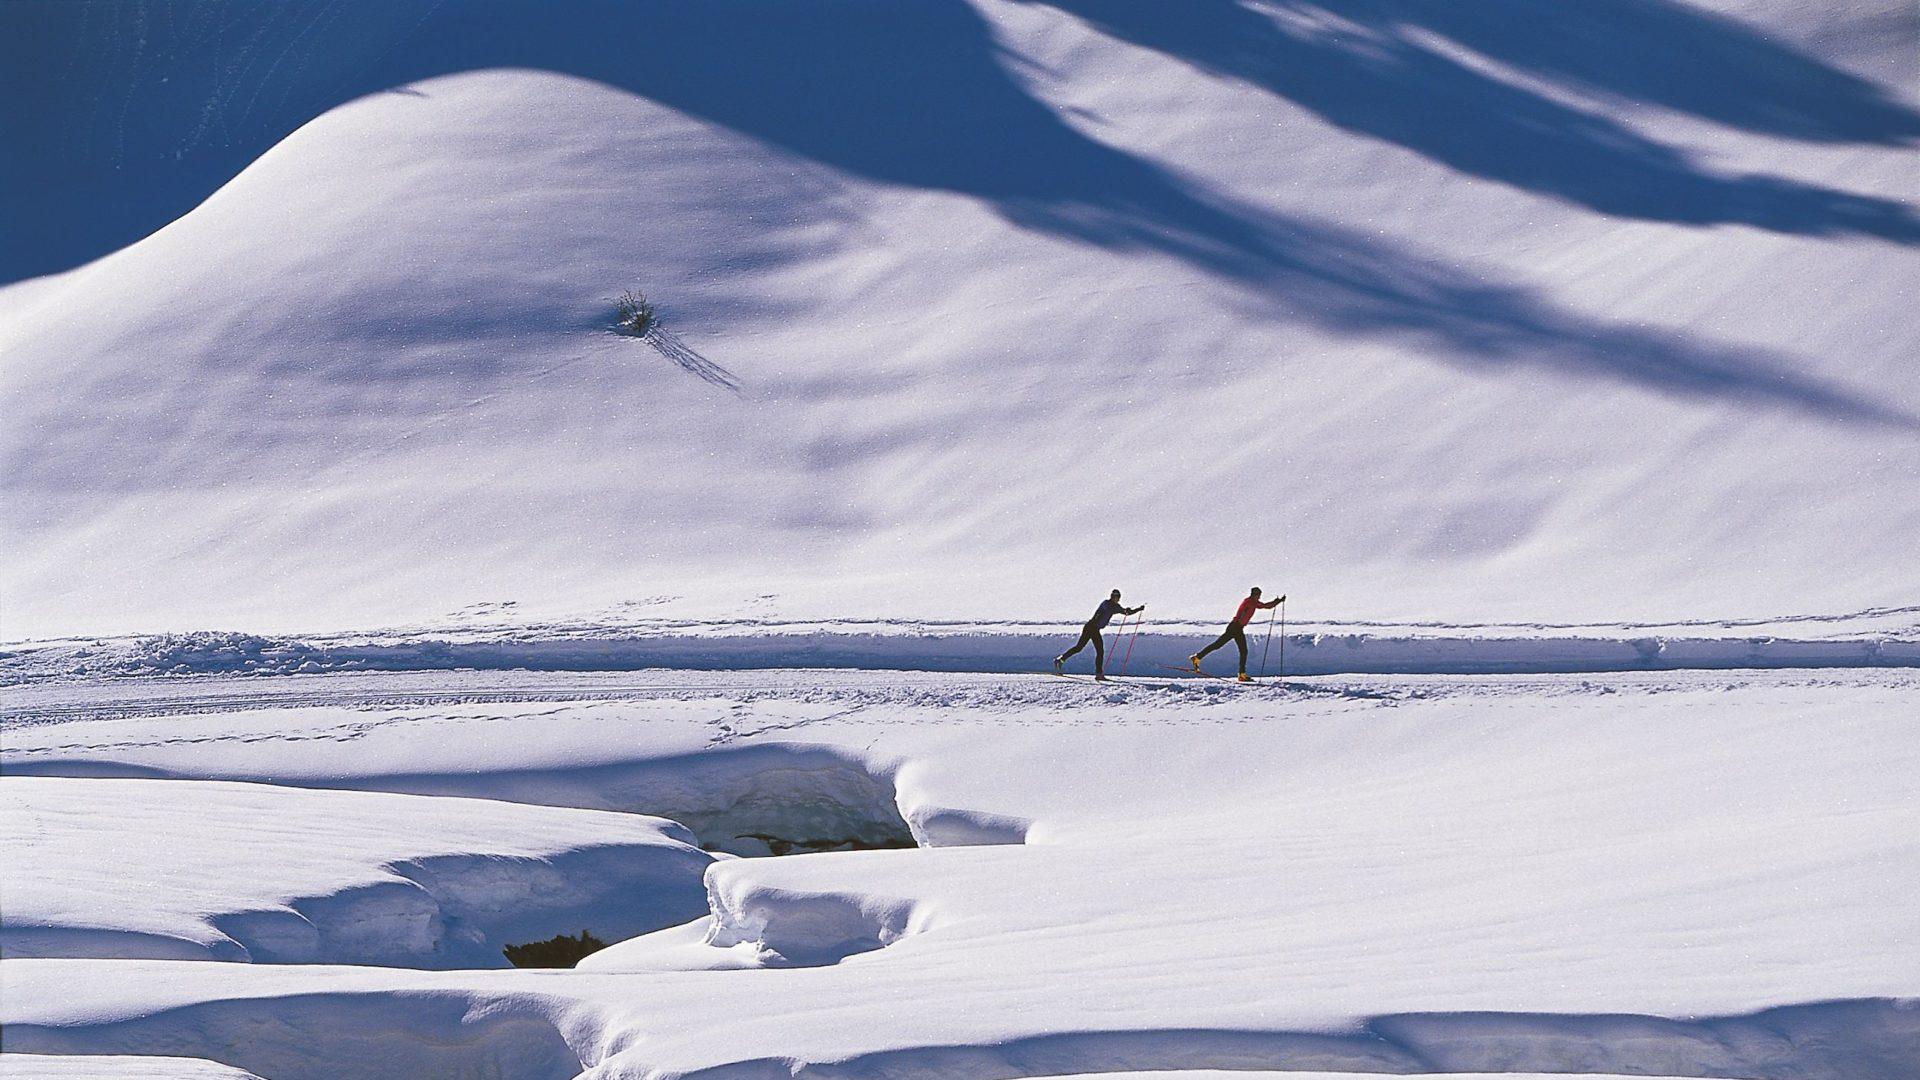 Langlauf im Bregenzerwald (c) Peter Mathis/Bregenzerwald Tourismus (c) Peter Mathis / Bregenzerwald Tourismus